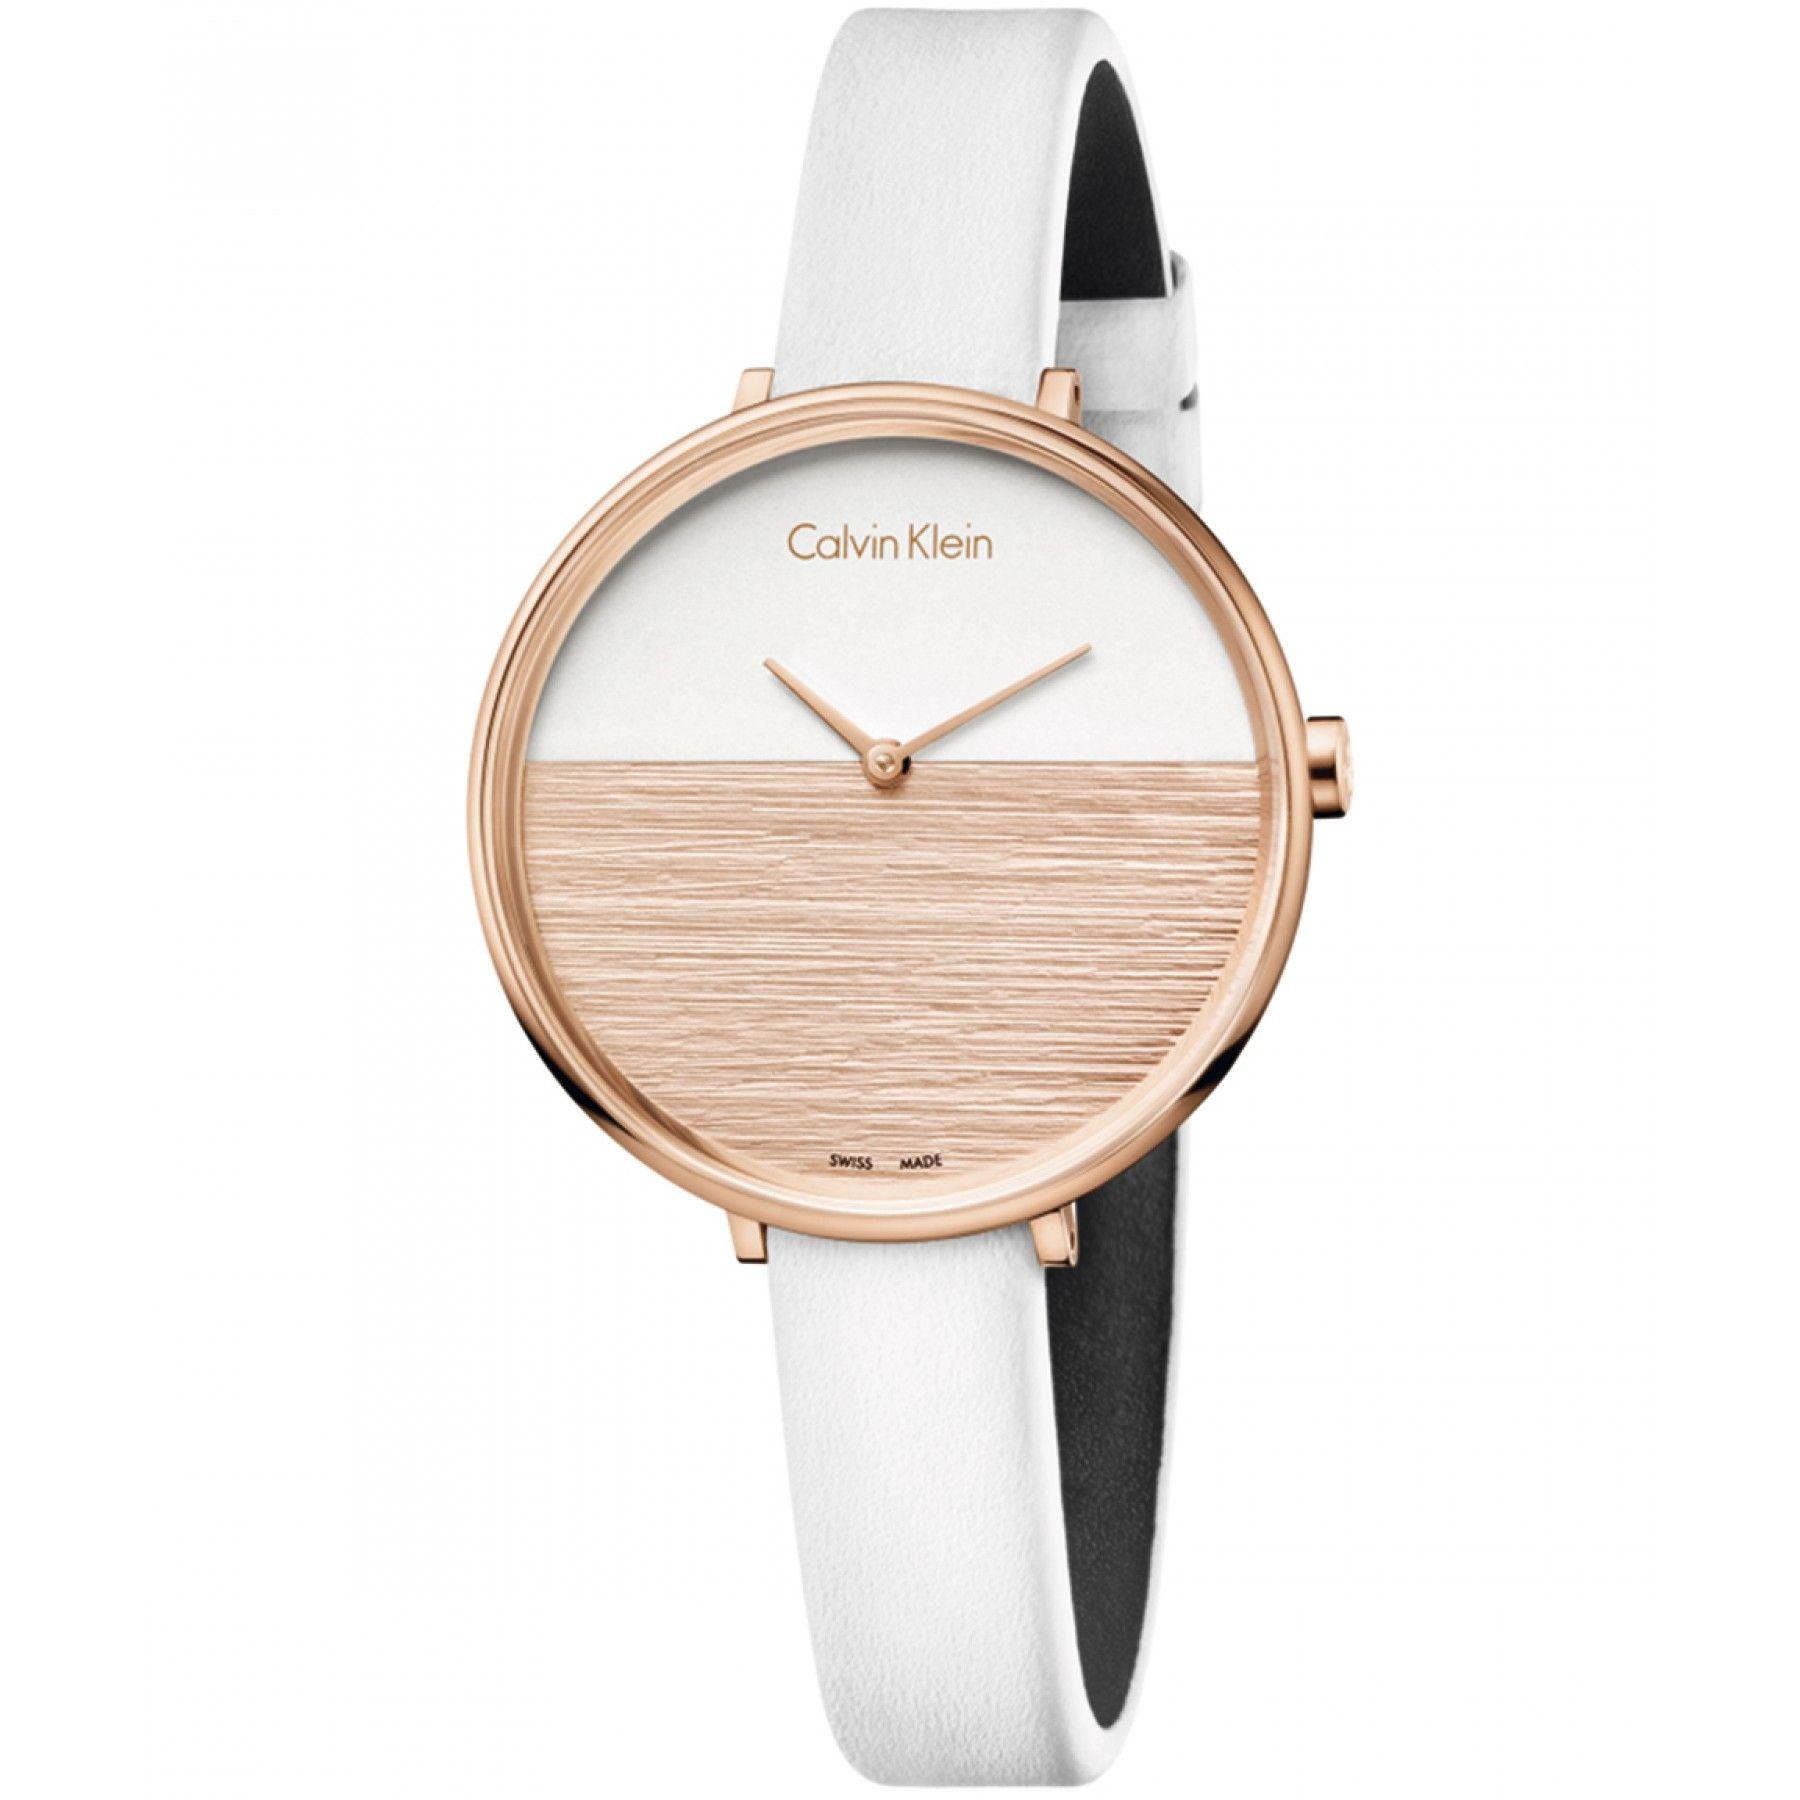 524ed5c8b95d Reloj Calvin Klein con caja y bisel de PVD en acabado rosado extensible  tipo correa de piel color blanco y carátula bicolor  movimiento ETA.